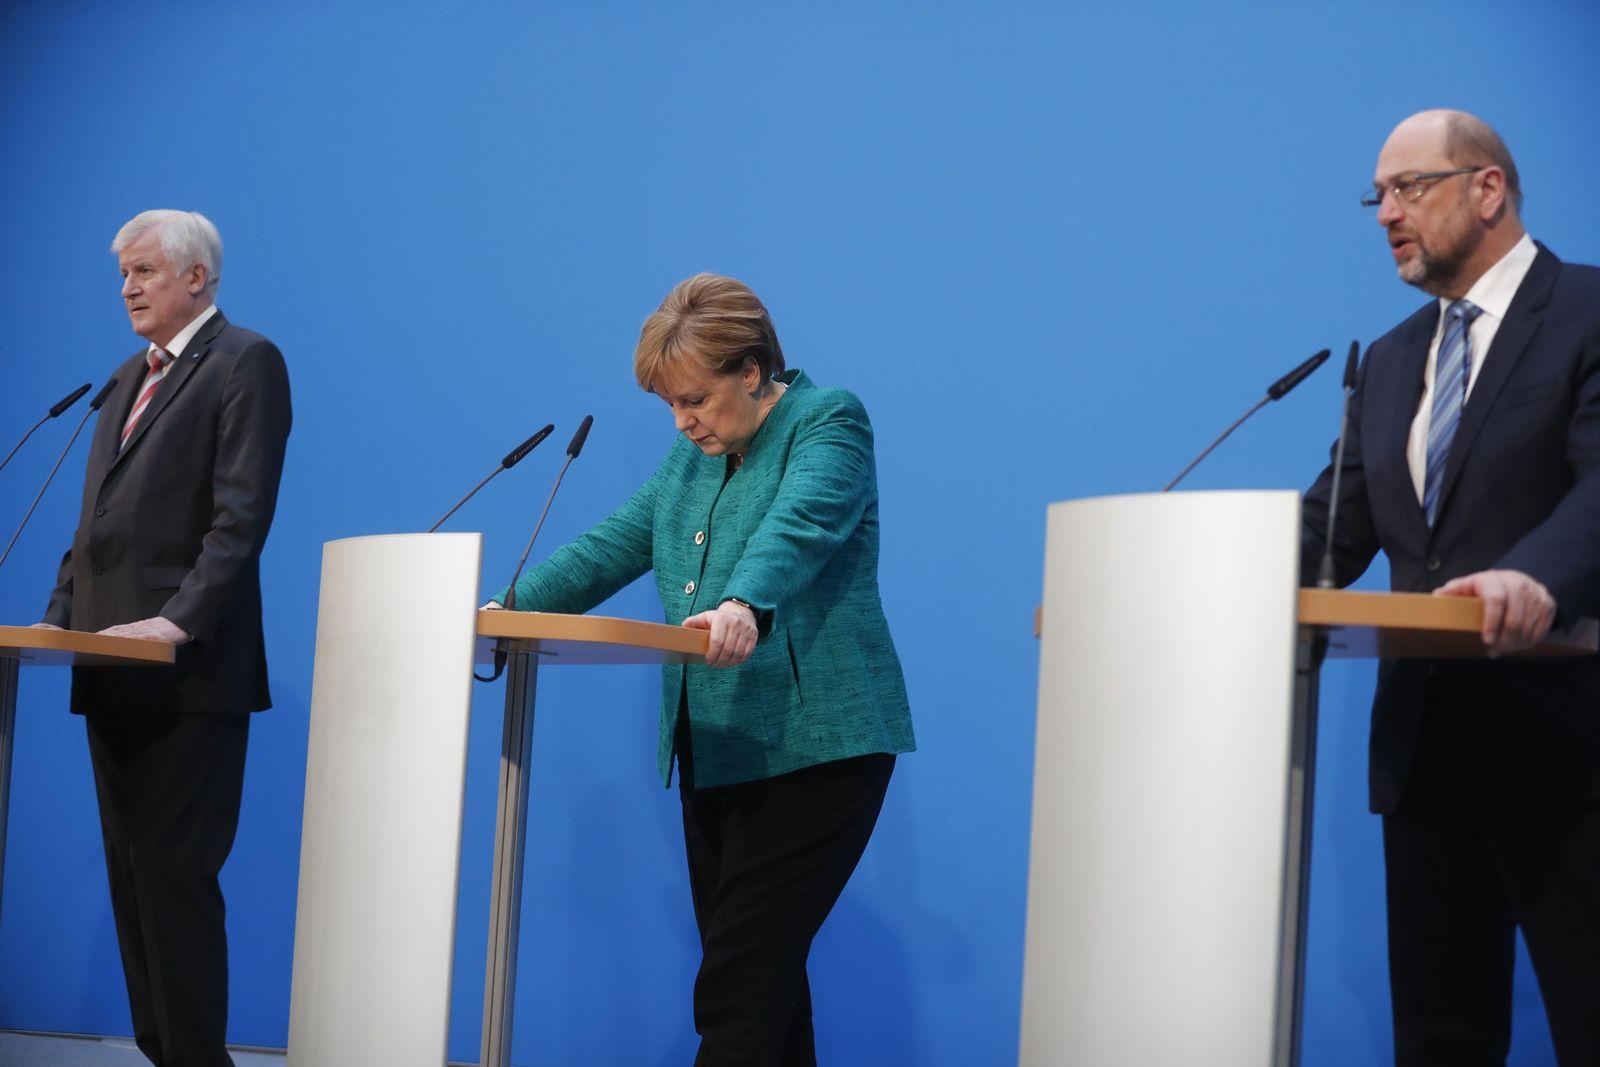 Merkel / Seehofer / Schulz